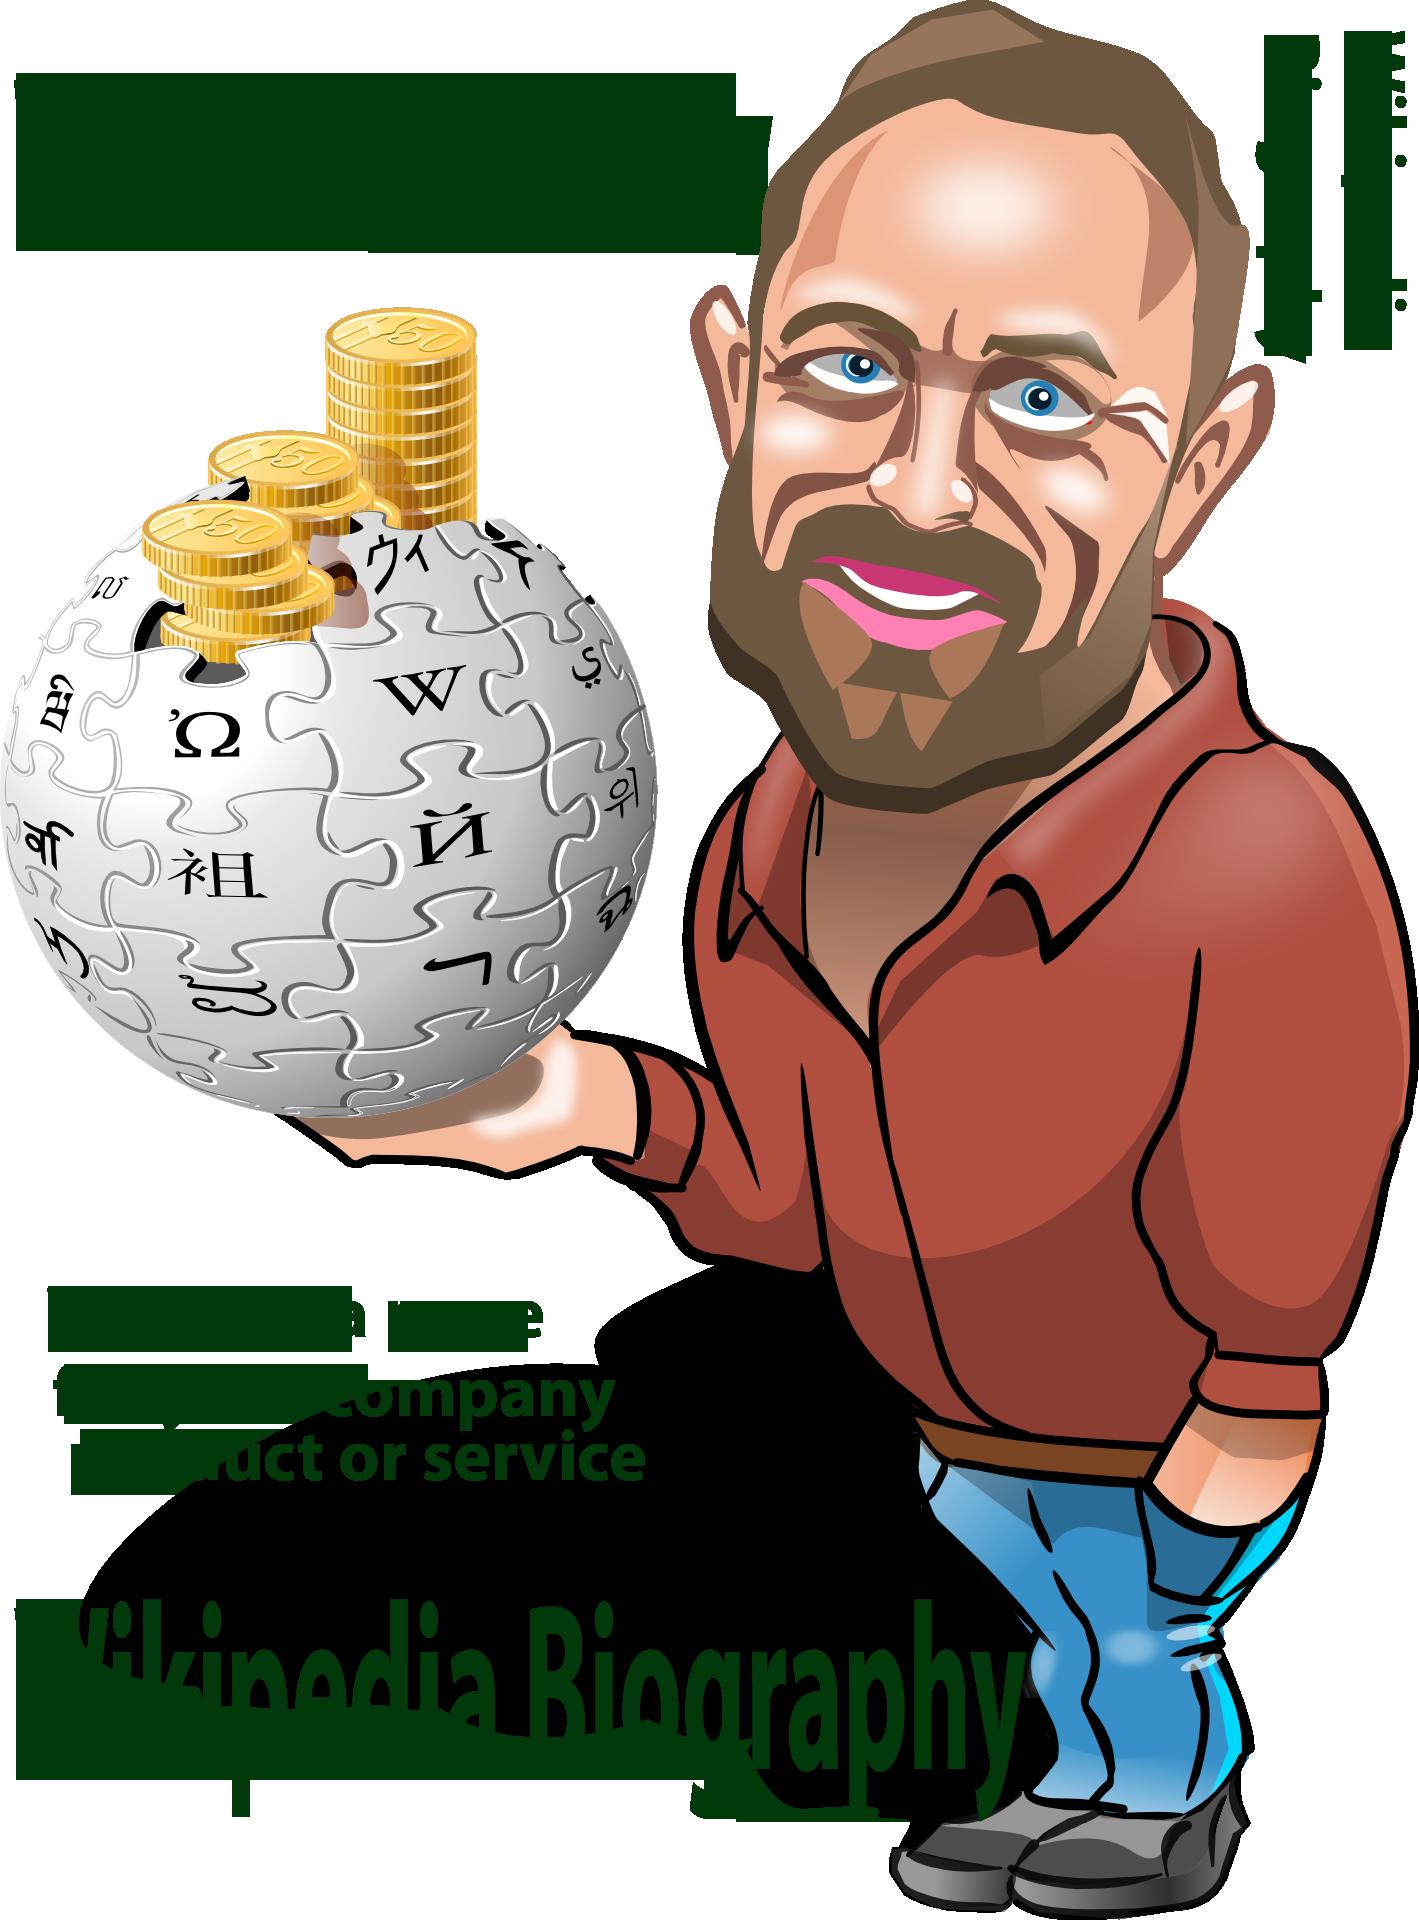 Wikipedia Biography Page